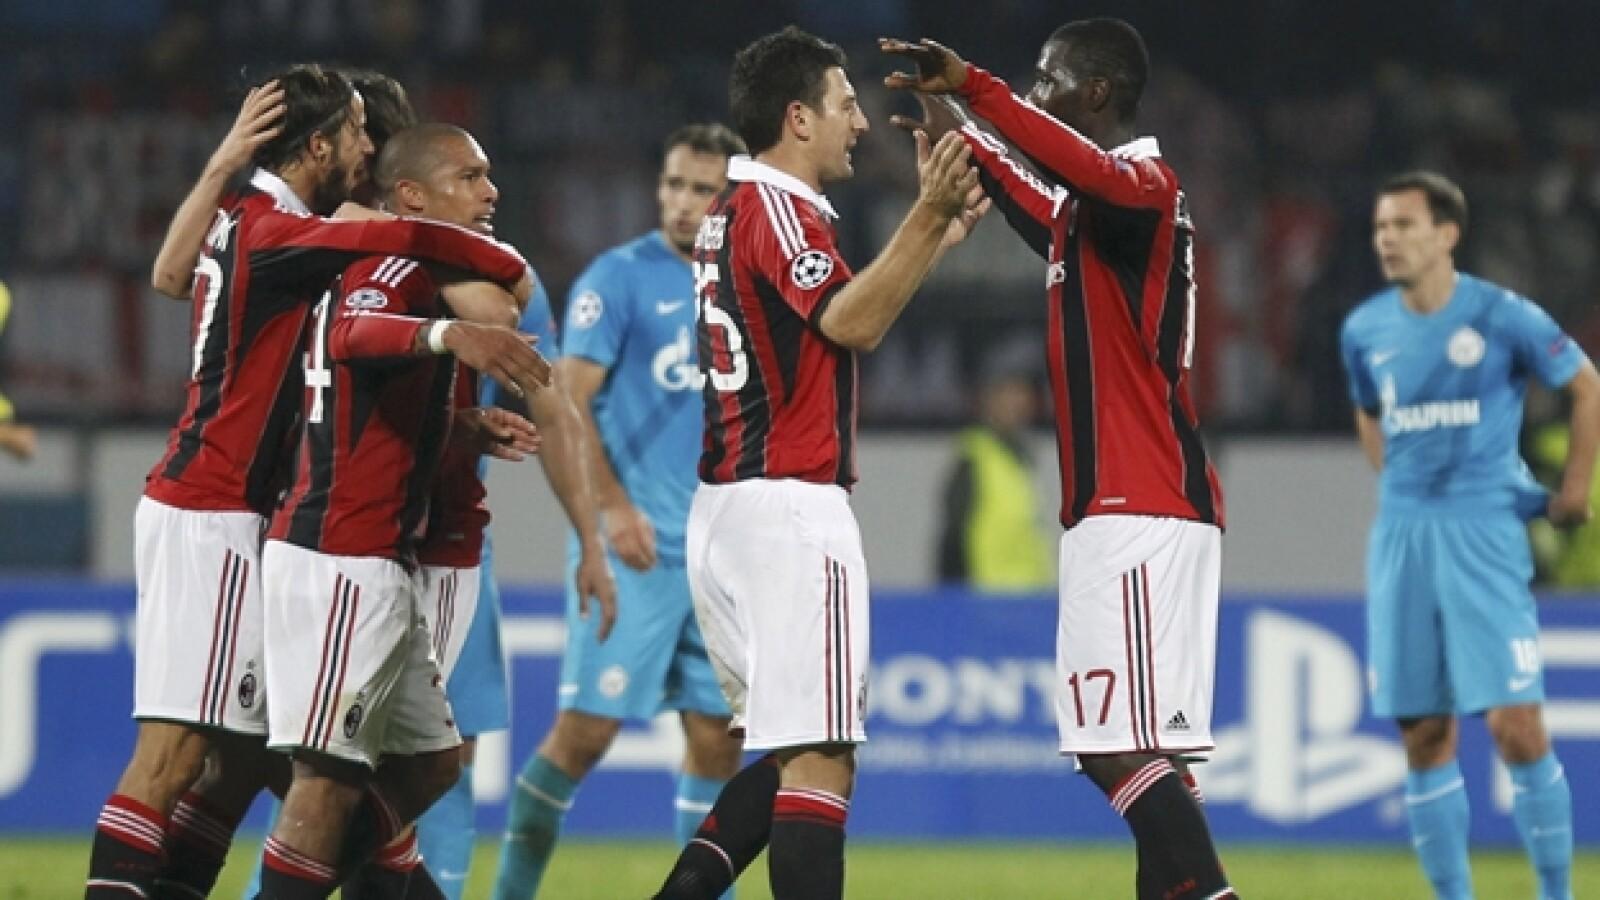 Milán vs Zenit